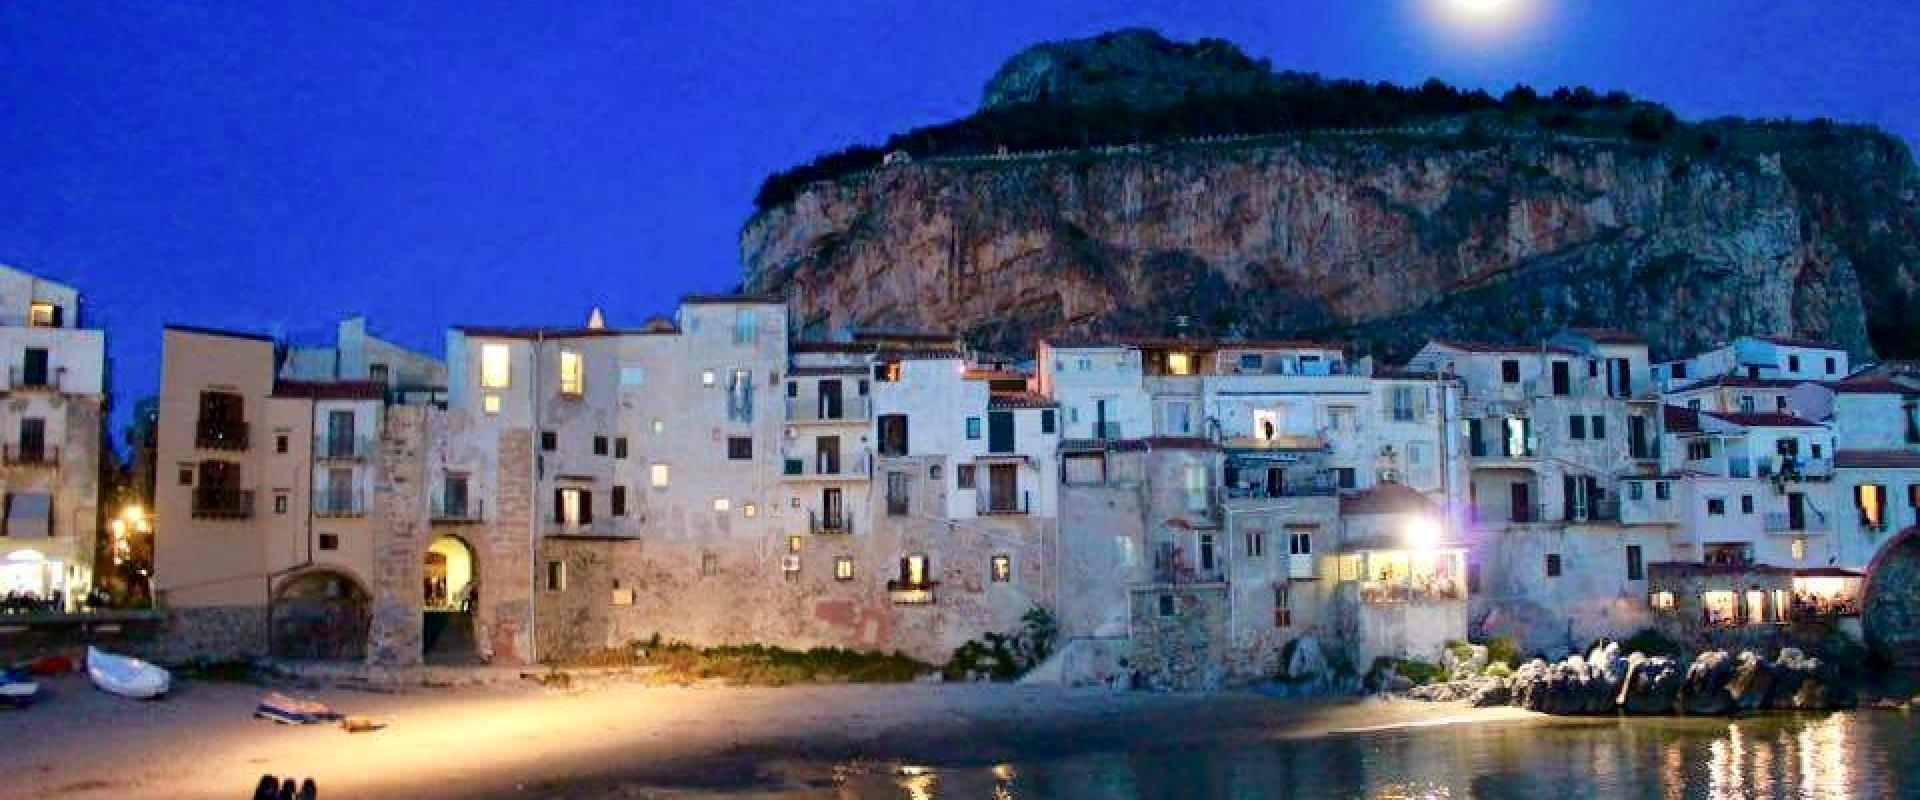 Shore excursion visit of Cefalù